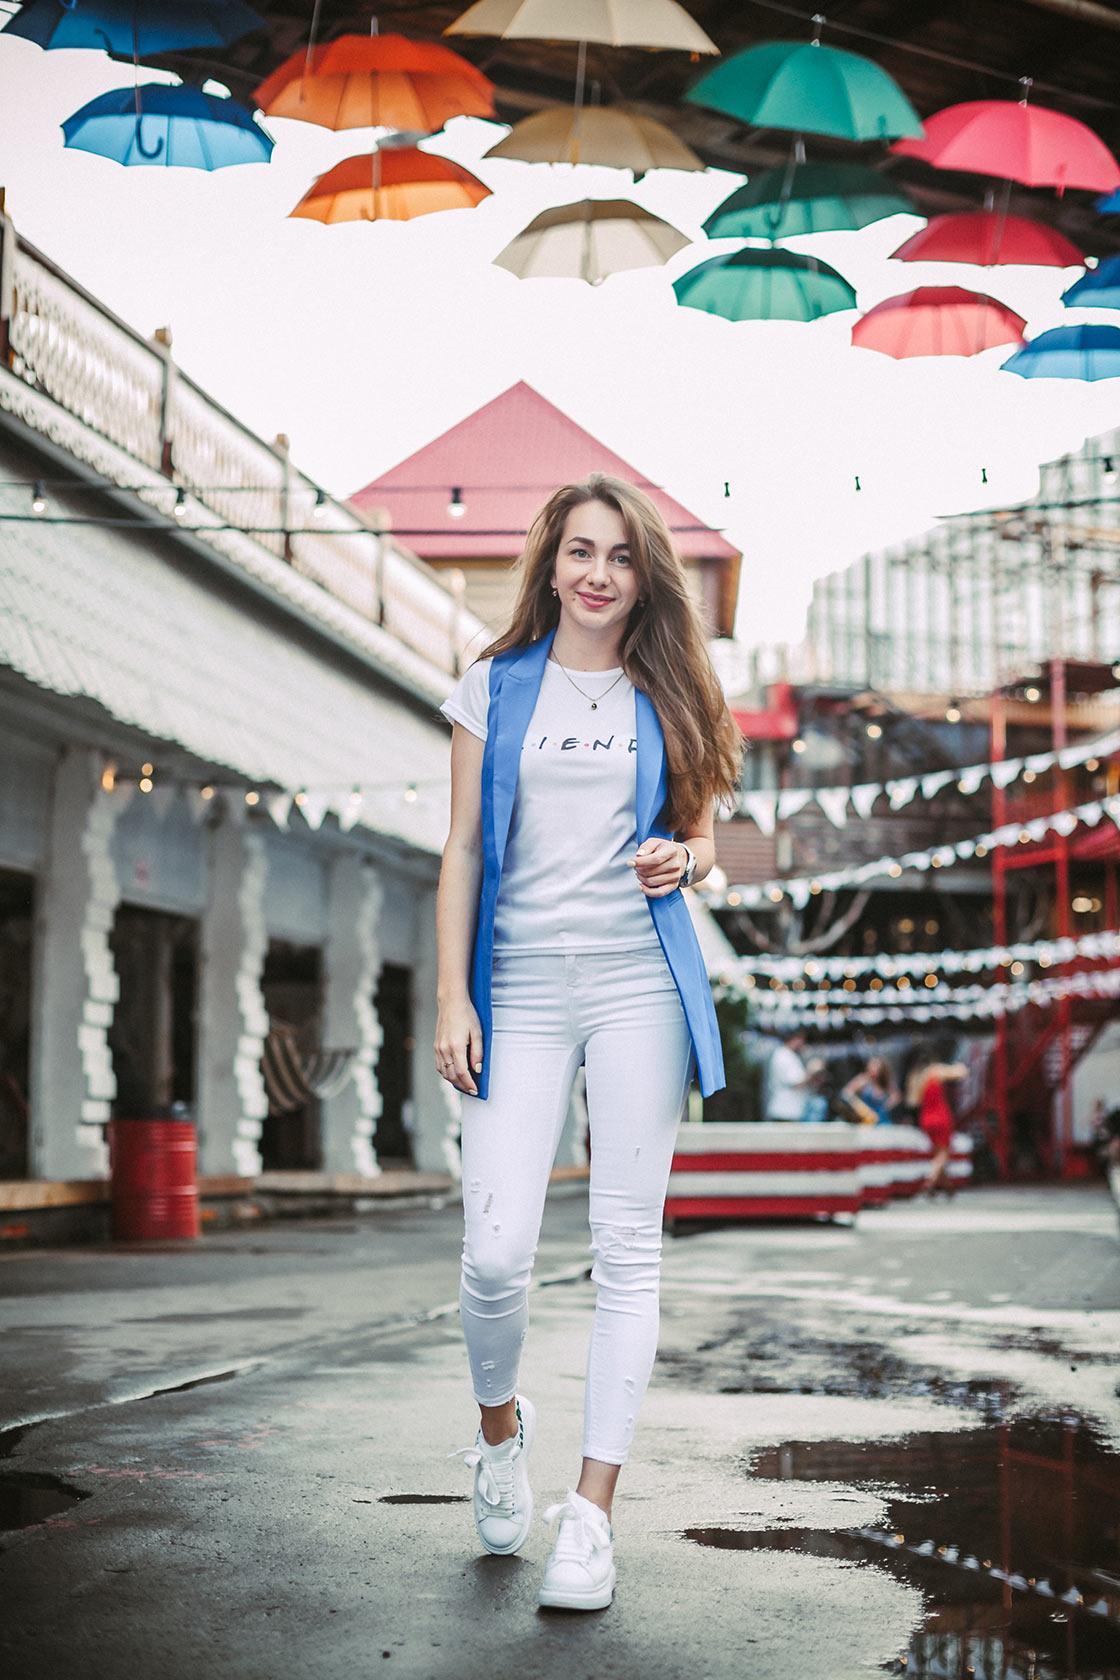 Веселая девушка с парящими зонтиками